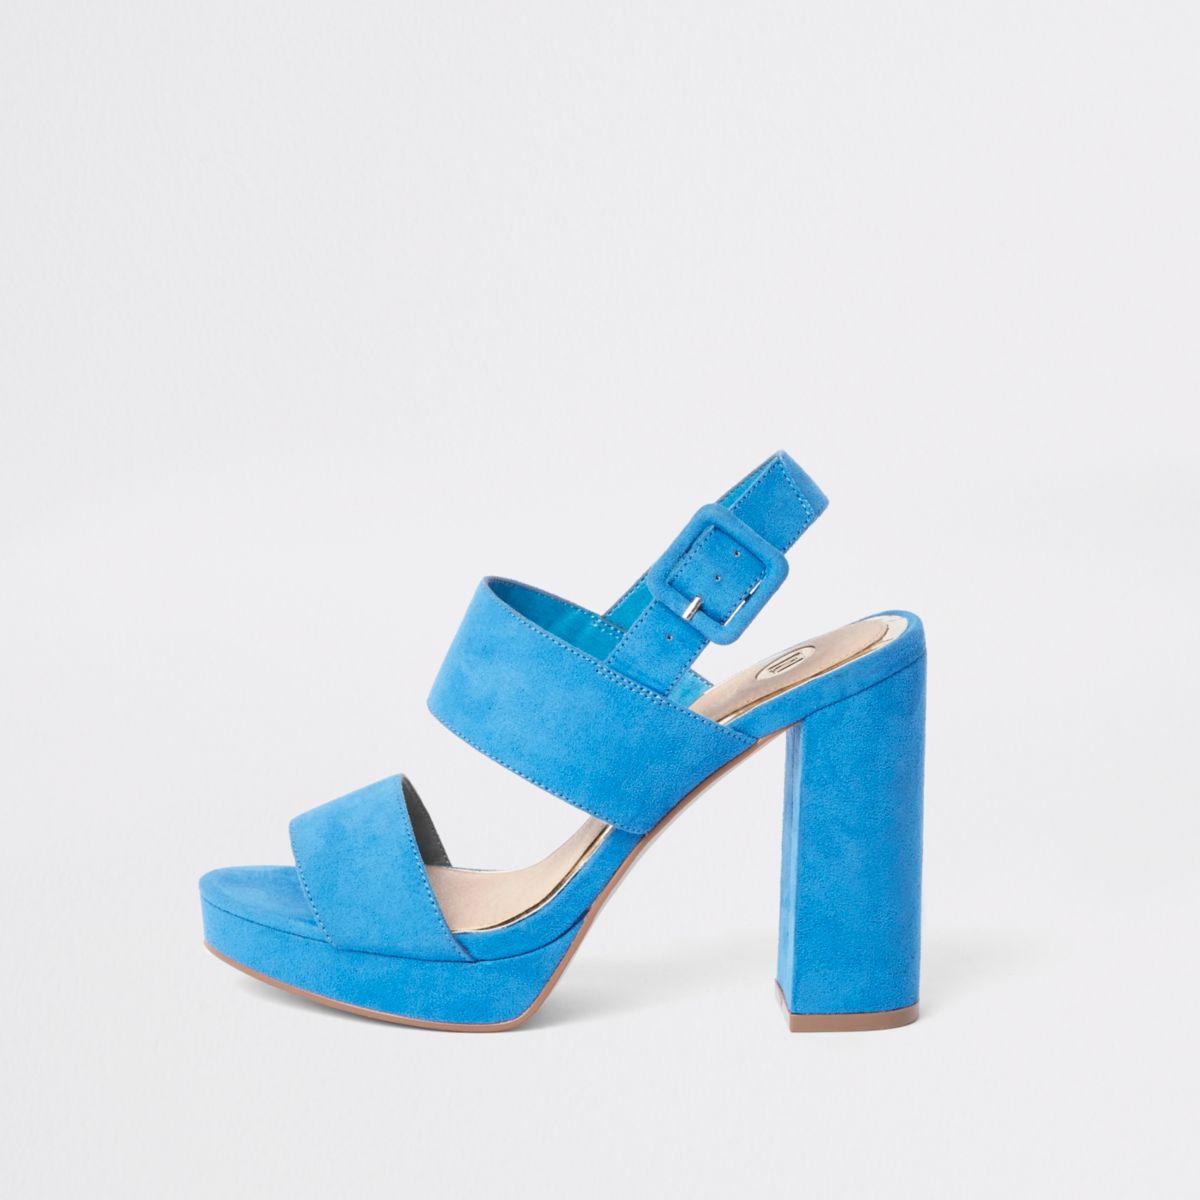 Blauwe sandalen met twee bandjes hak en plateauzool